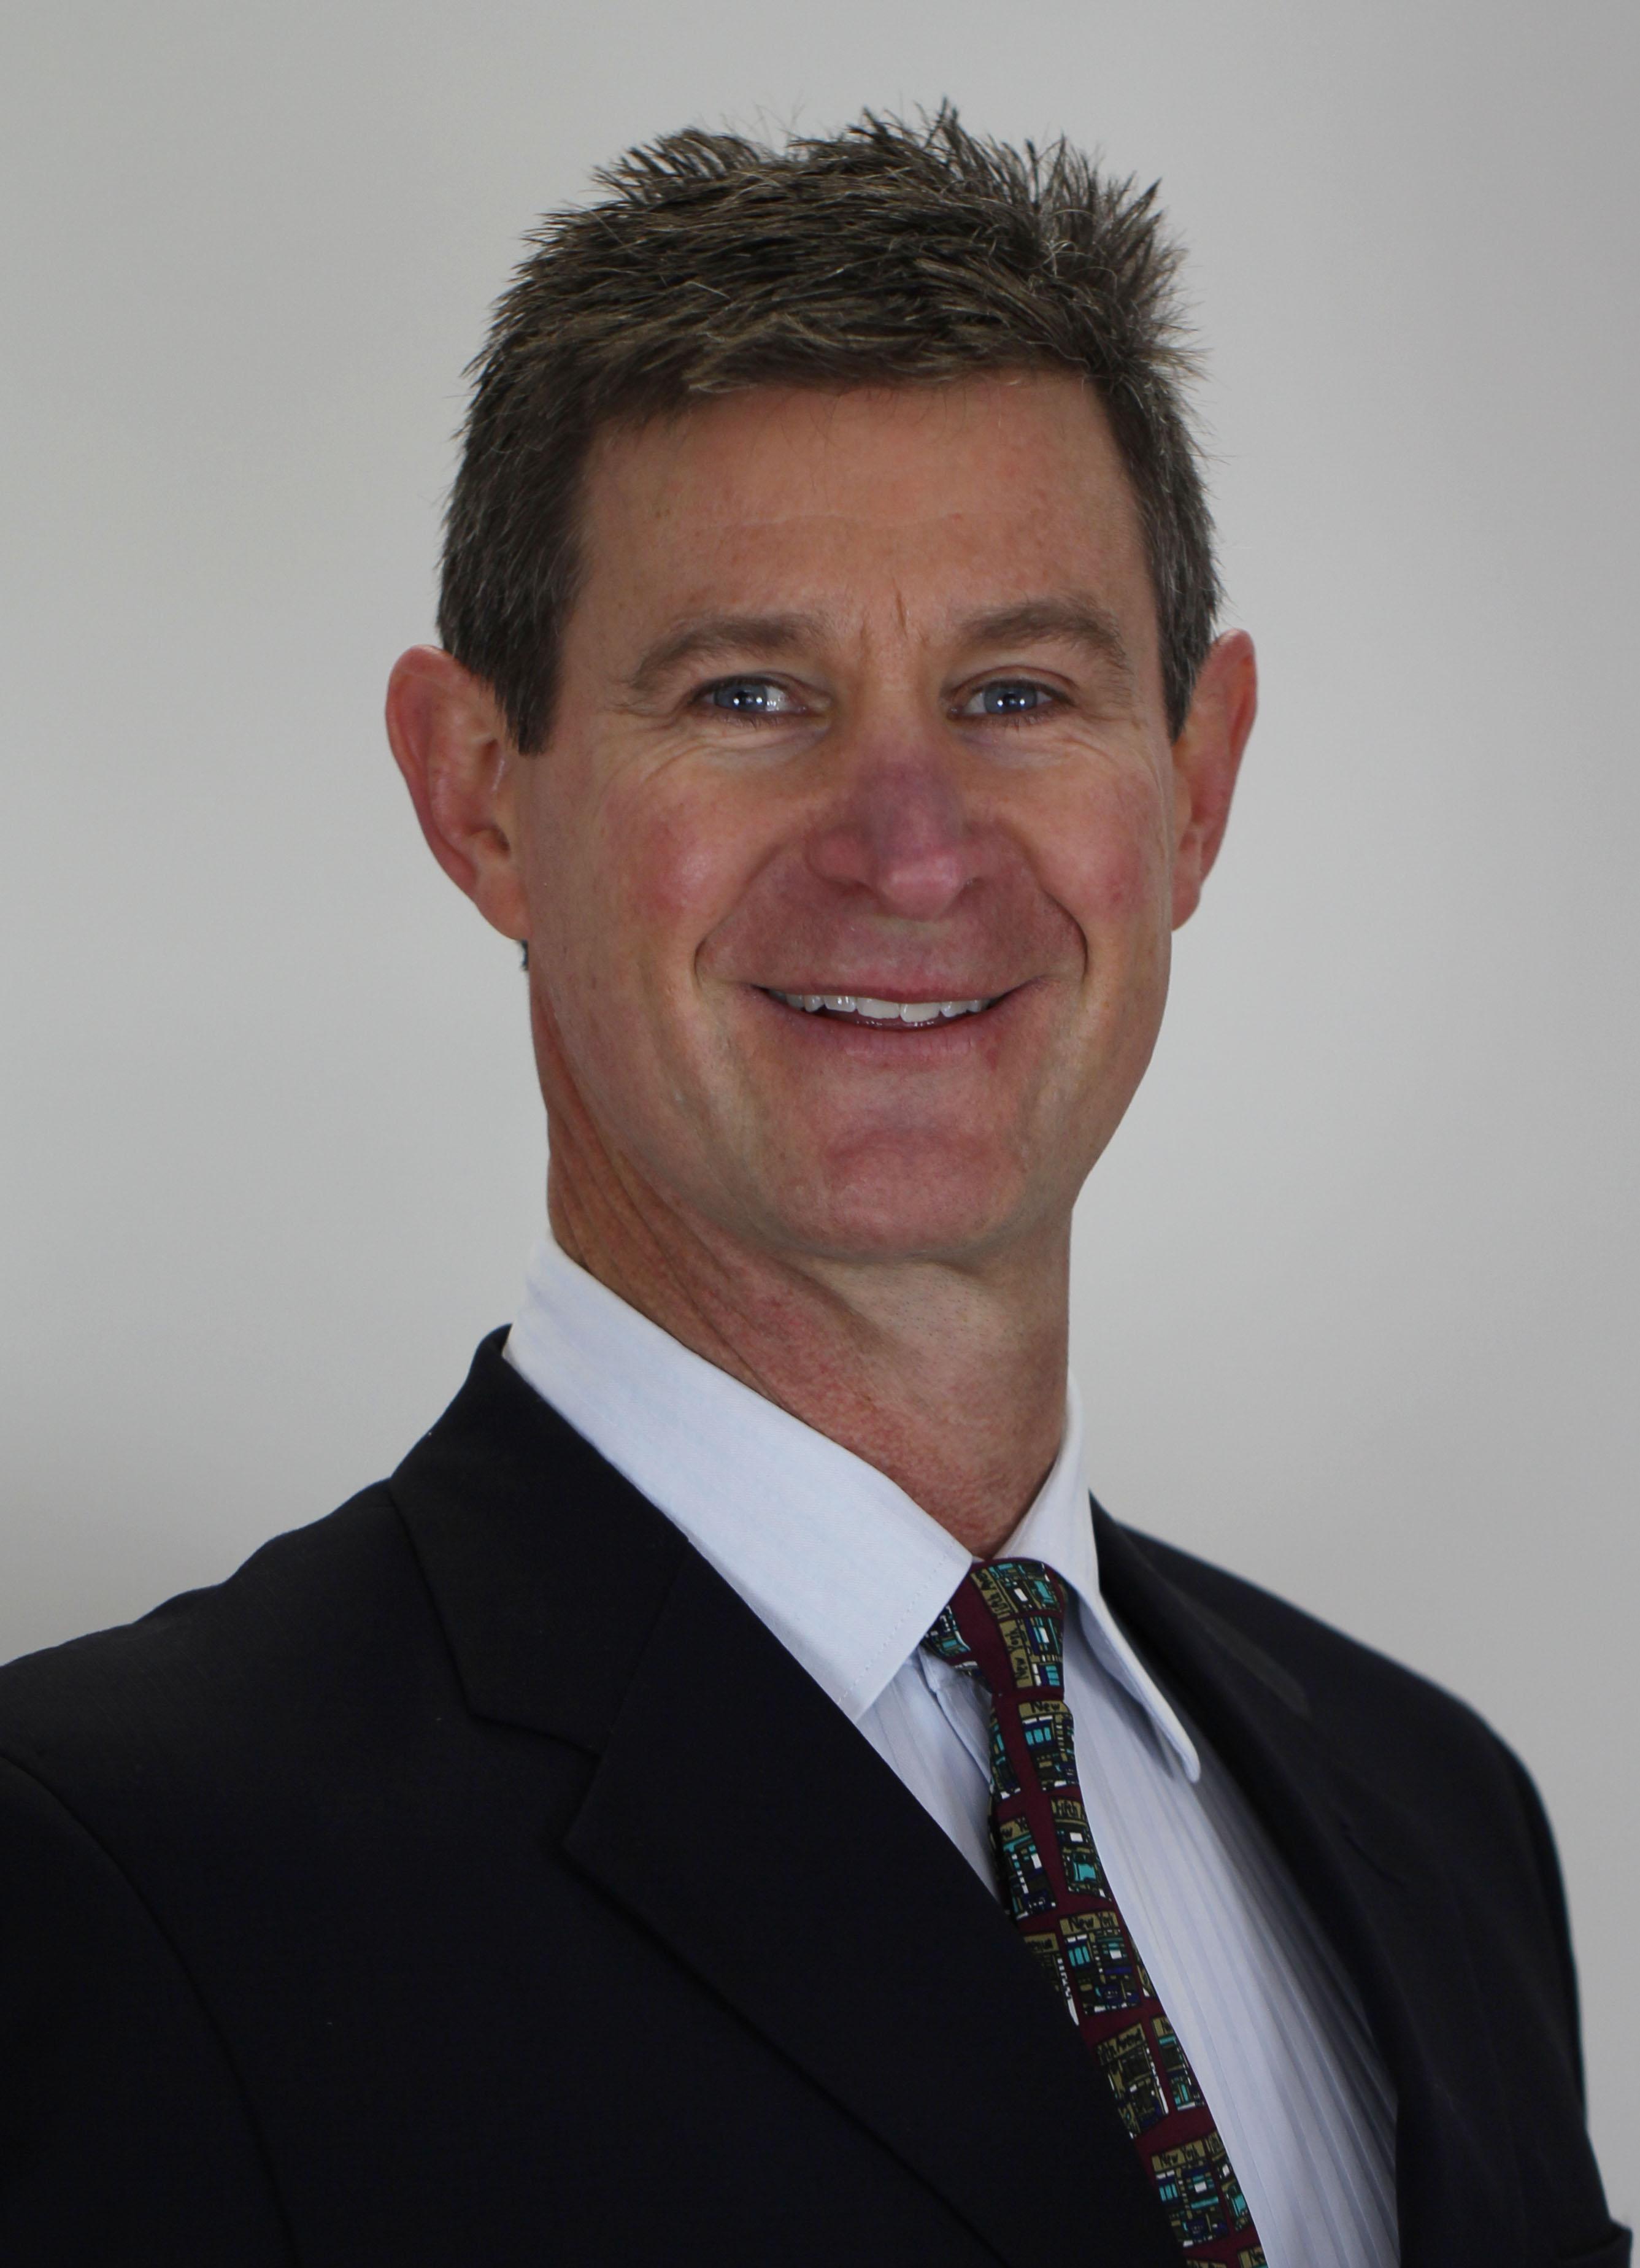 Dr Doug Cary